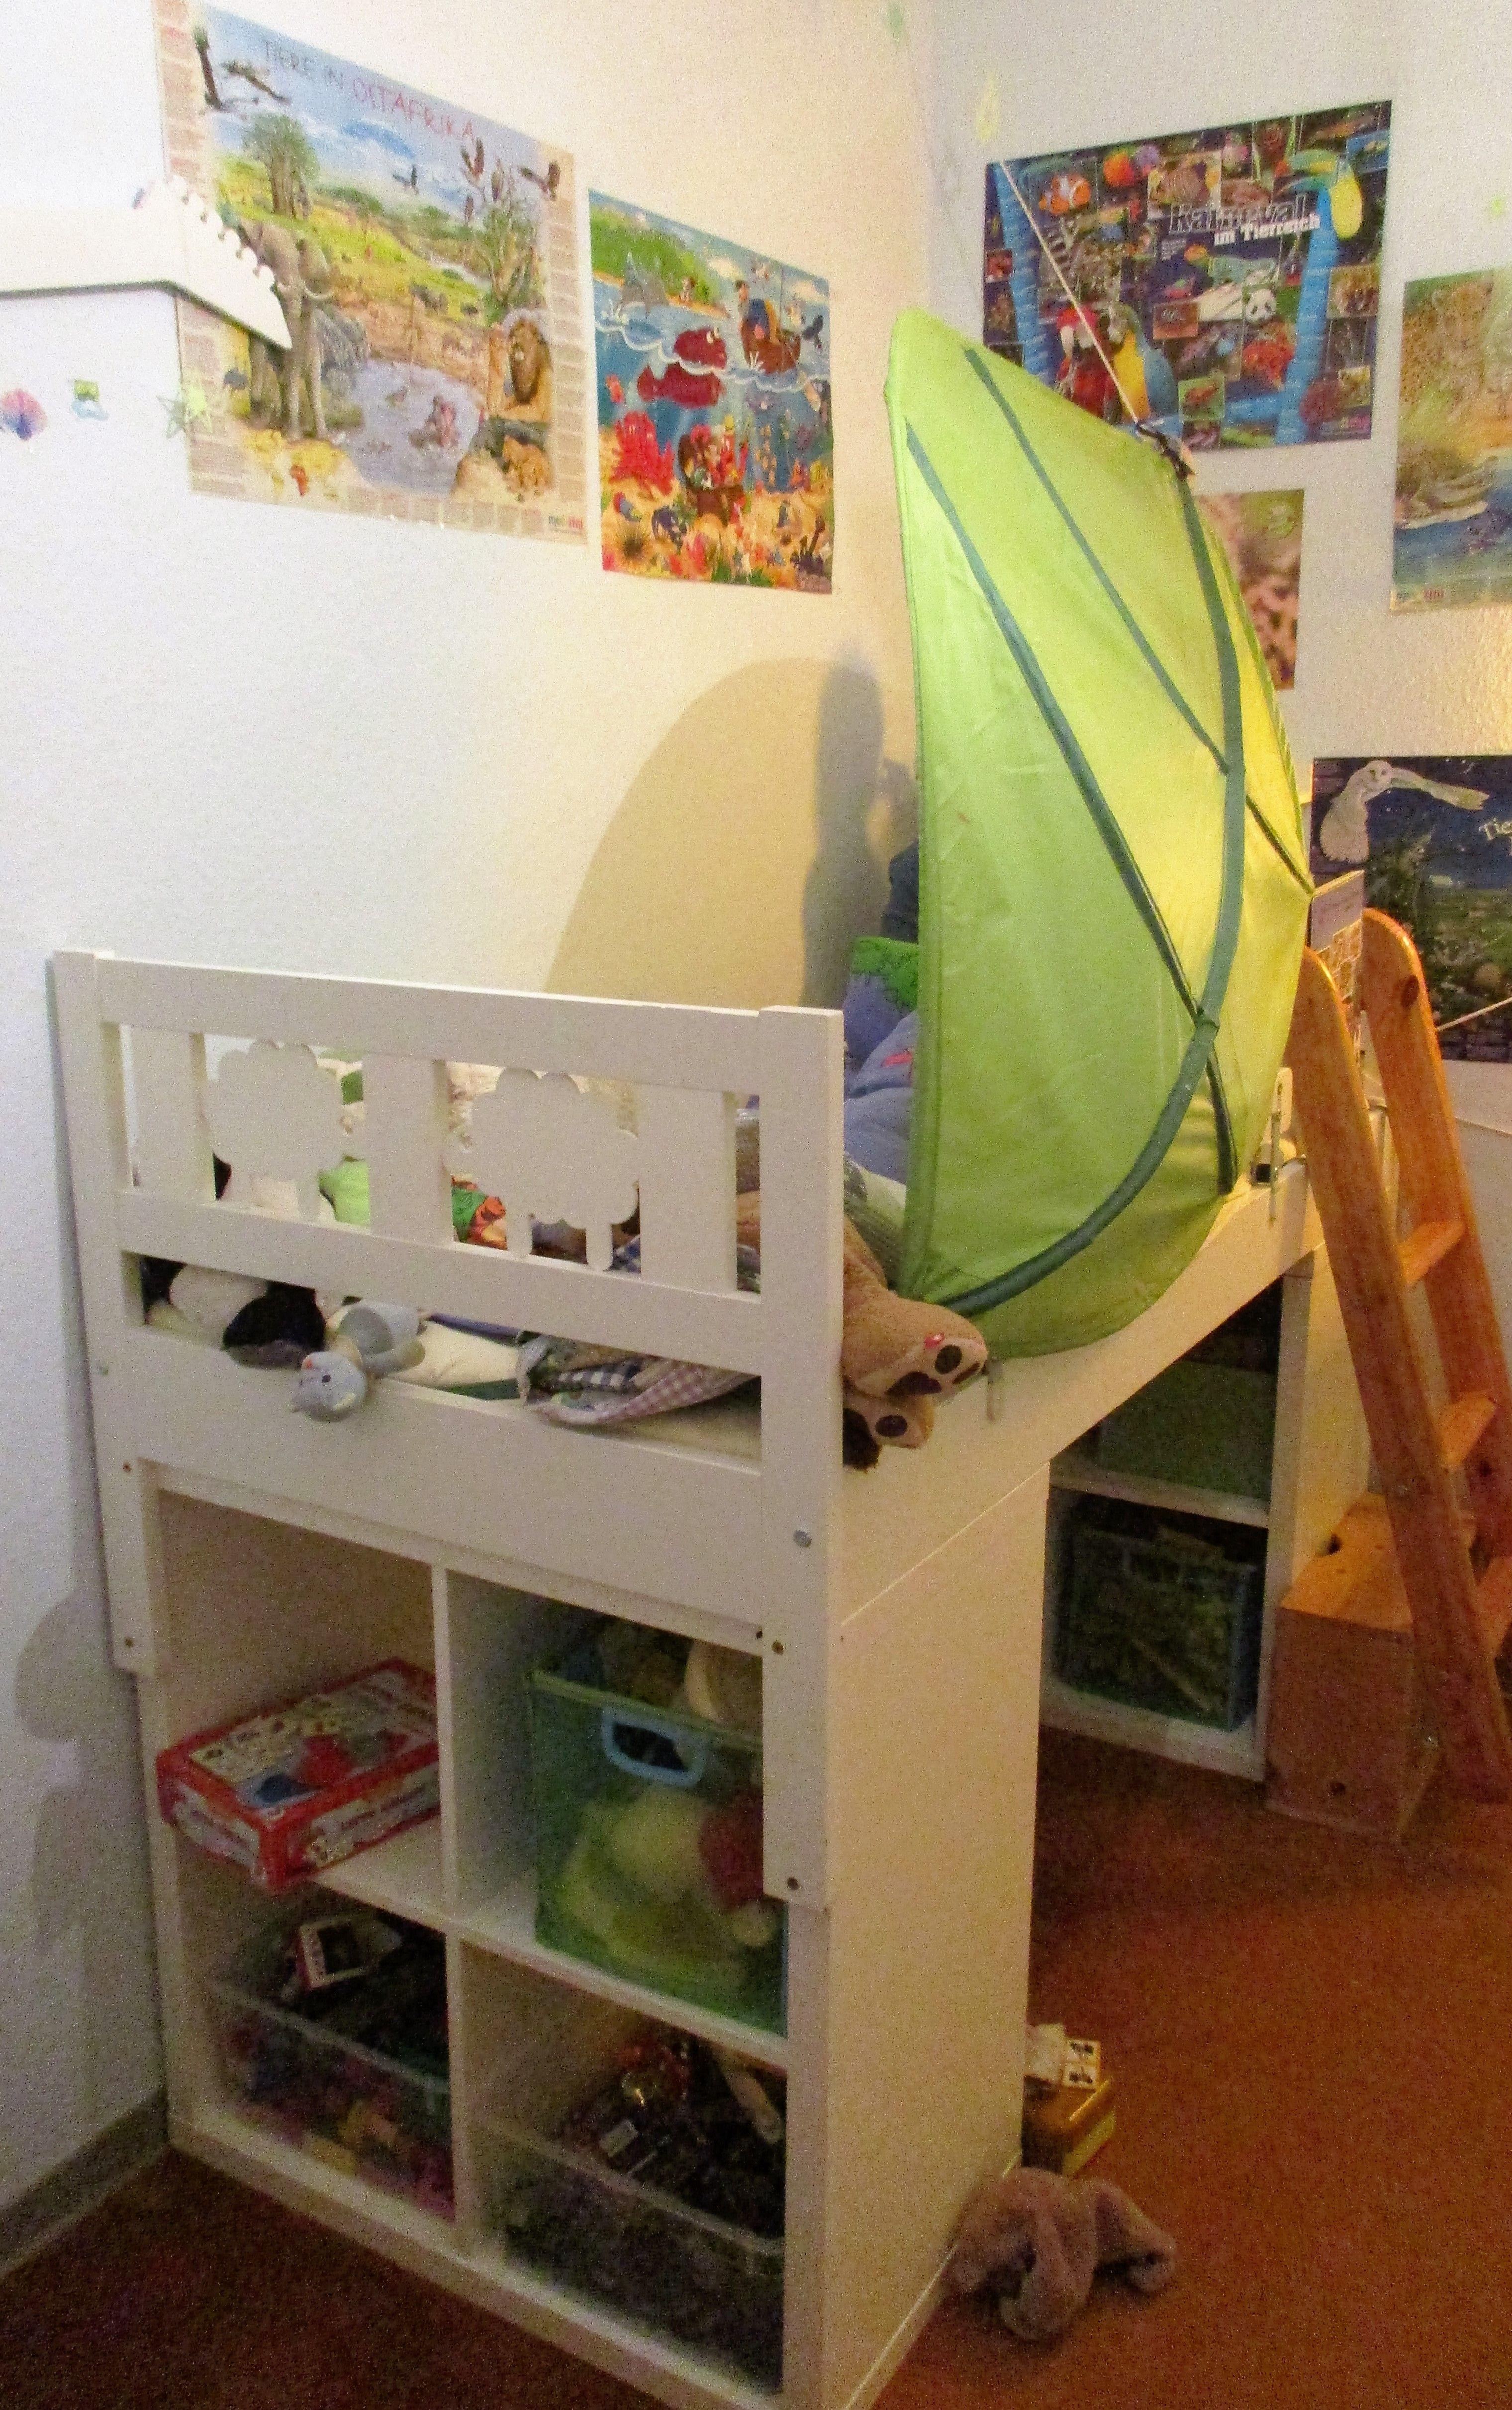 Hochbett Selber Bauen 2x Kallax Regal Von Ikea Unter Das Bett Stellen 2x Vika Bauen Bett Das Hochbett Ike Ikea Kids Bedroom Ikea Bed Hack Ikea Bed